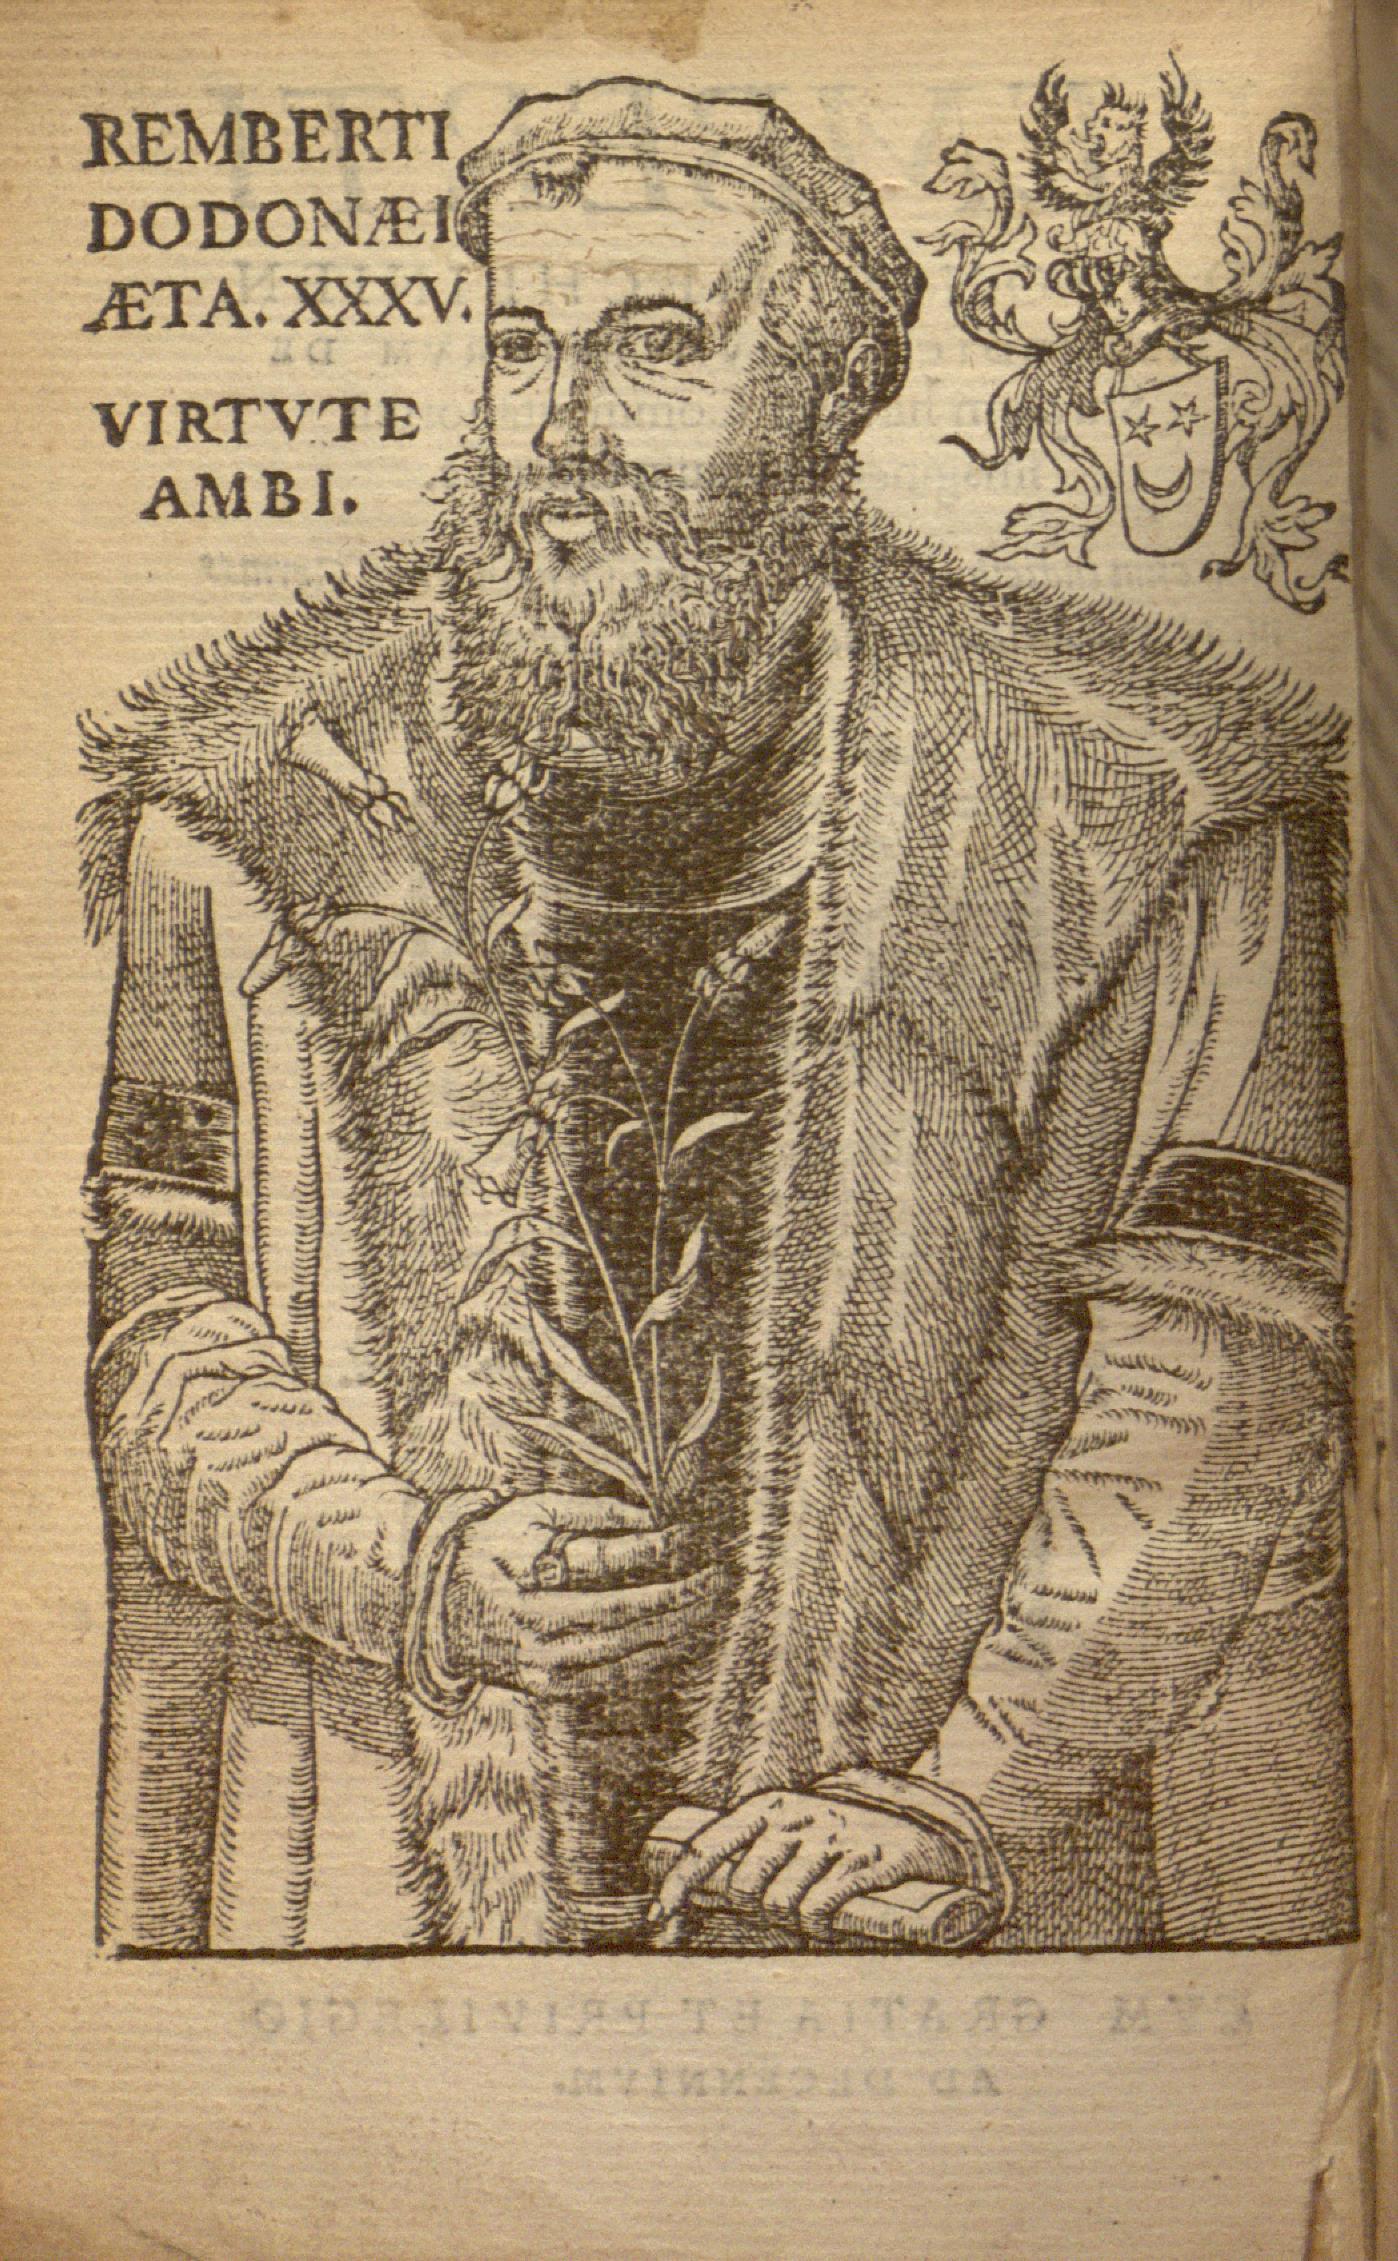 Depiction of Rembert Dodoens